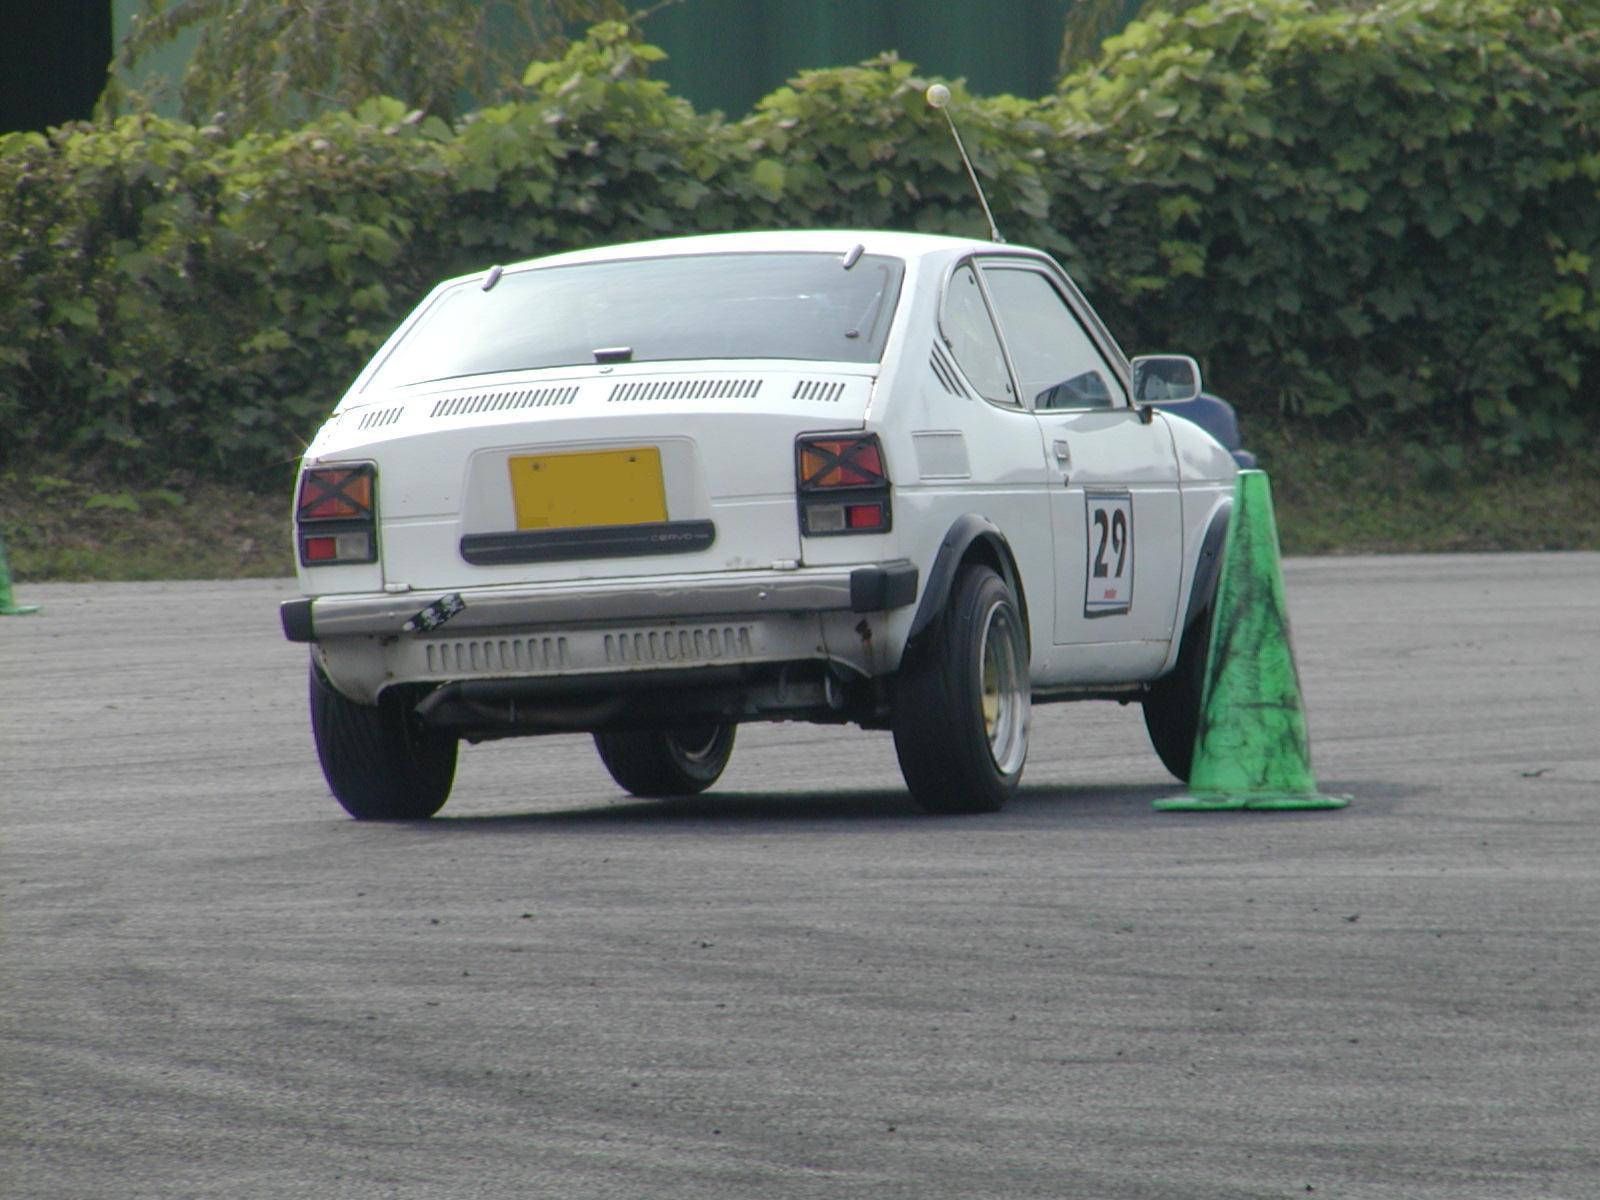 Suzuki Cervo SS20, małe sportowe auta, samochody z silnikami 3-cylindrowymi, stare auta z napędem na tył, レース、自動車競技、軽自動車、スポーツカー、クラシックカー